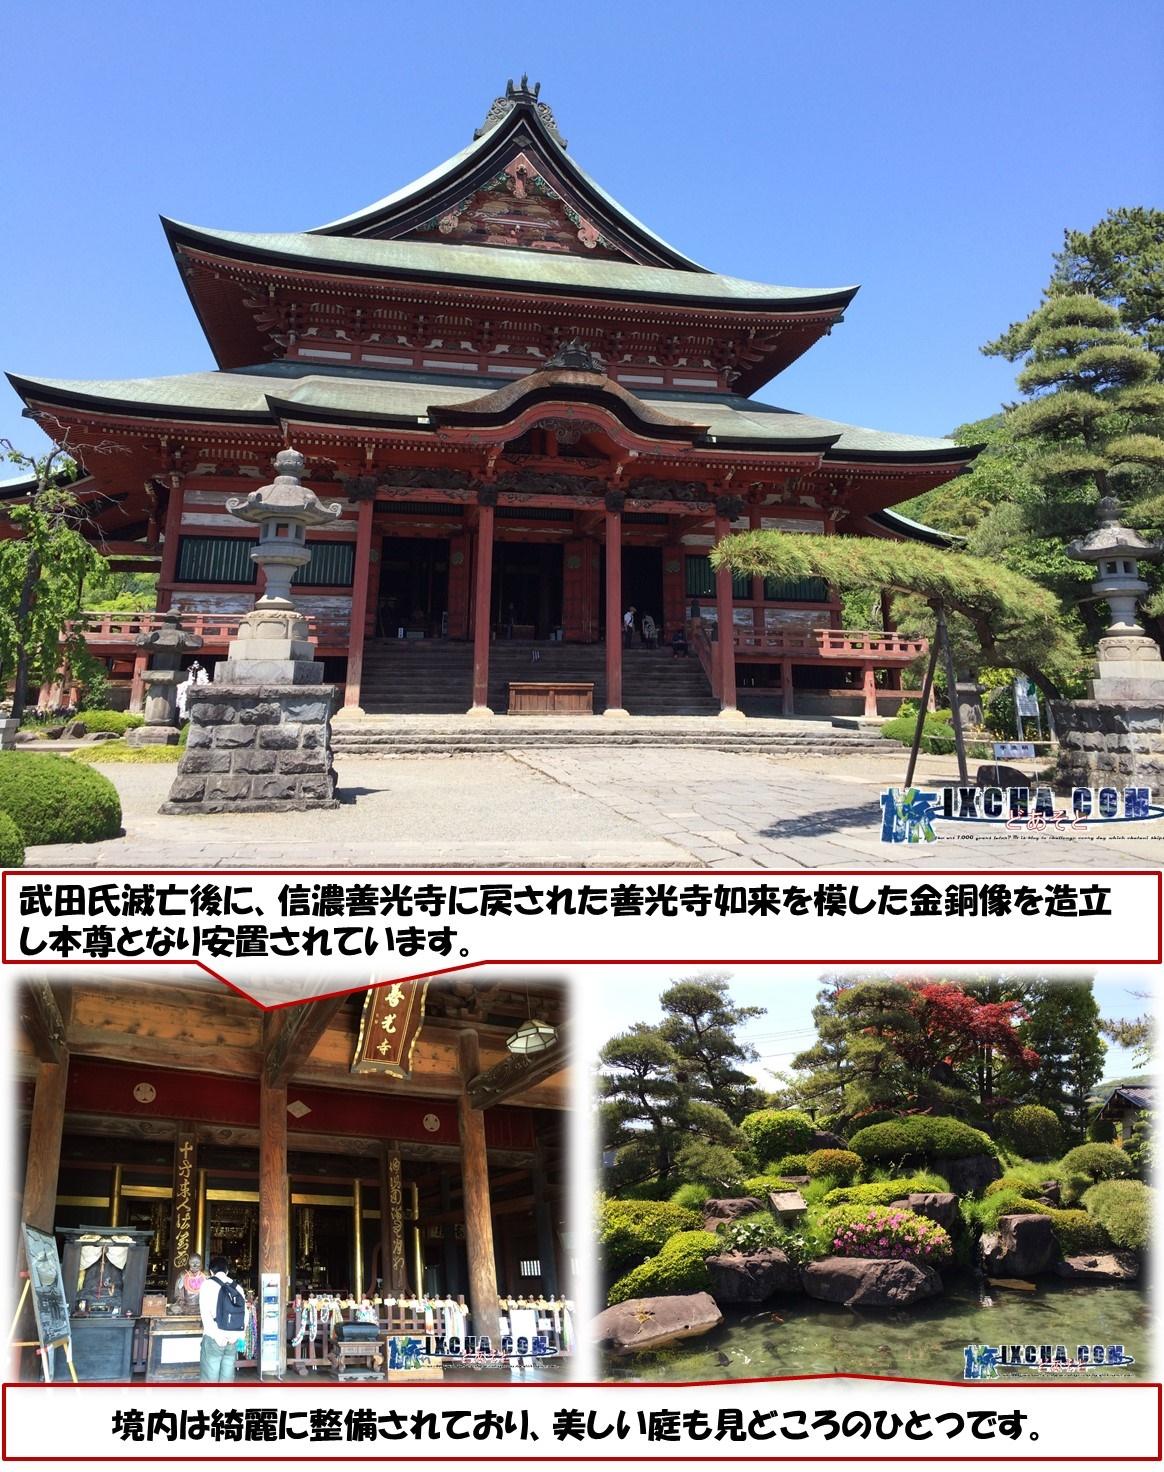 武田氏滅亡後に、信濃善光寺に戻された善光寺如来を模した金銅像を造立し本尊となり安置されています。 境内は綺麗に整備されており、美しい庭も見どころのひとつです。